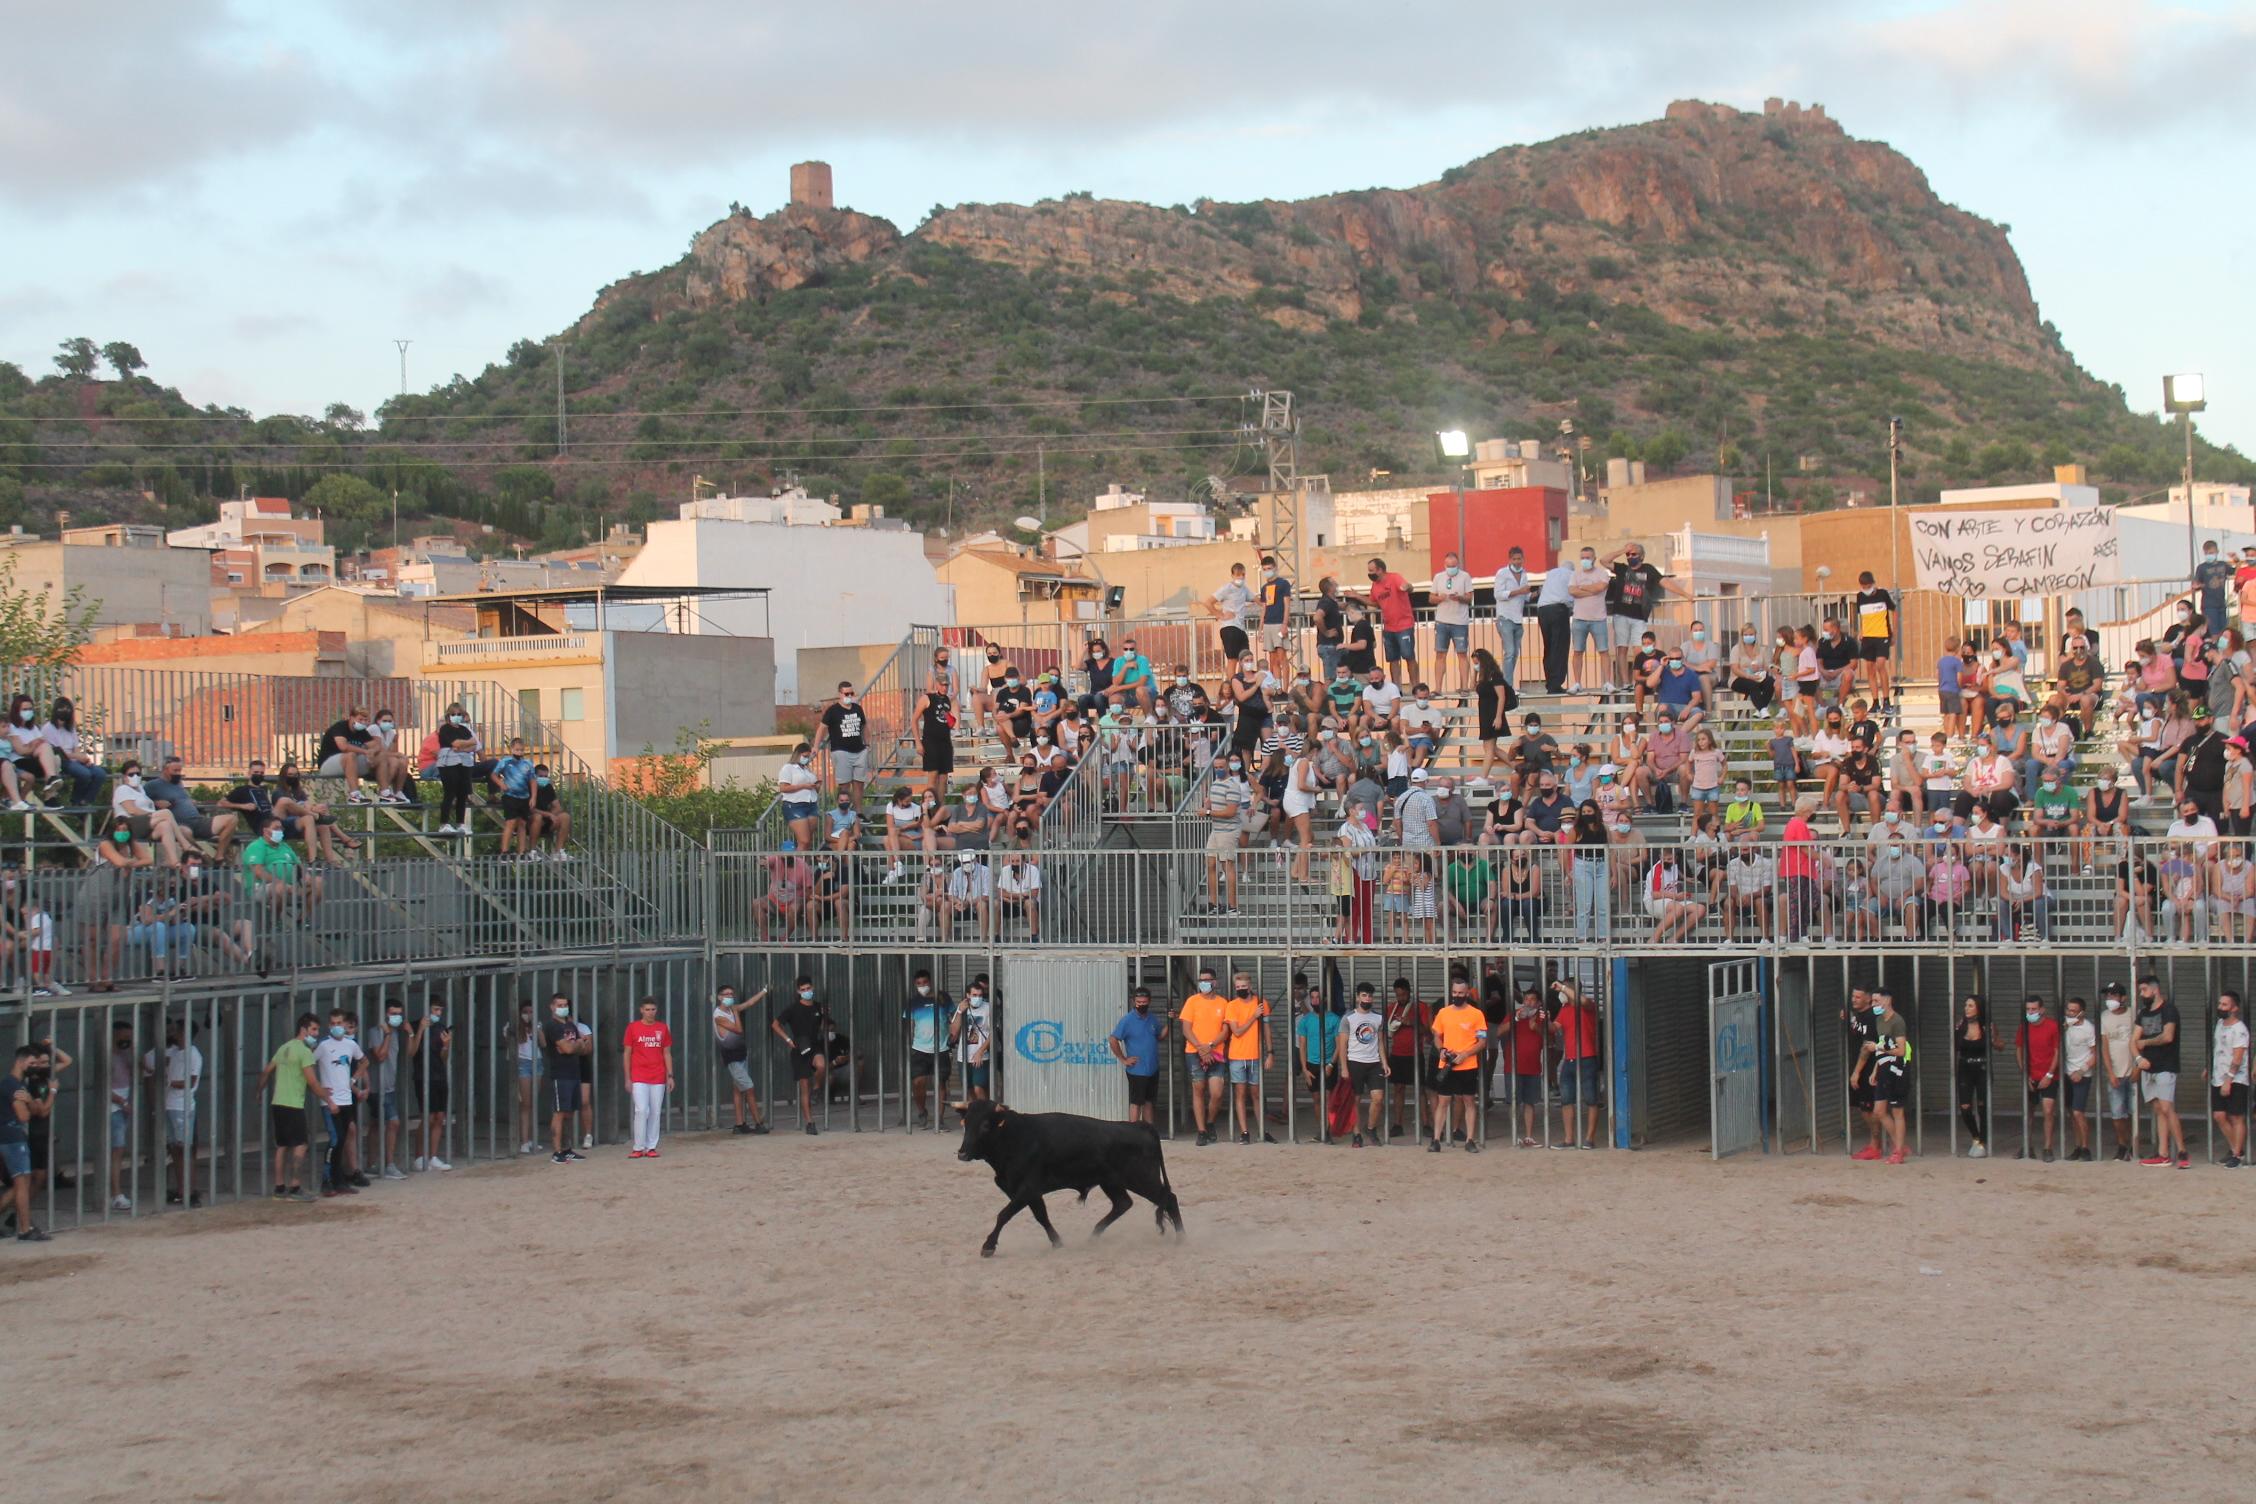 Recaudan 7.060€ para la AECC en los espectáculos taurinos en las fiestas de Almenara